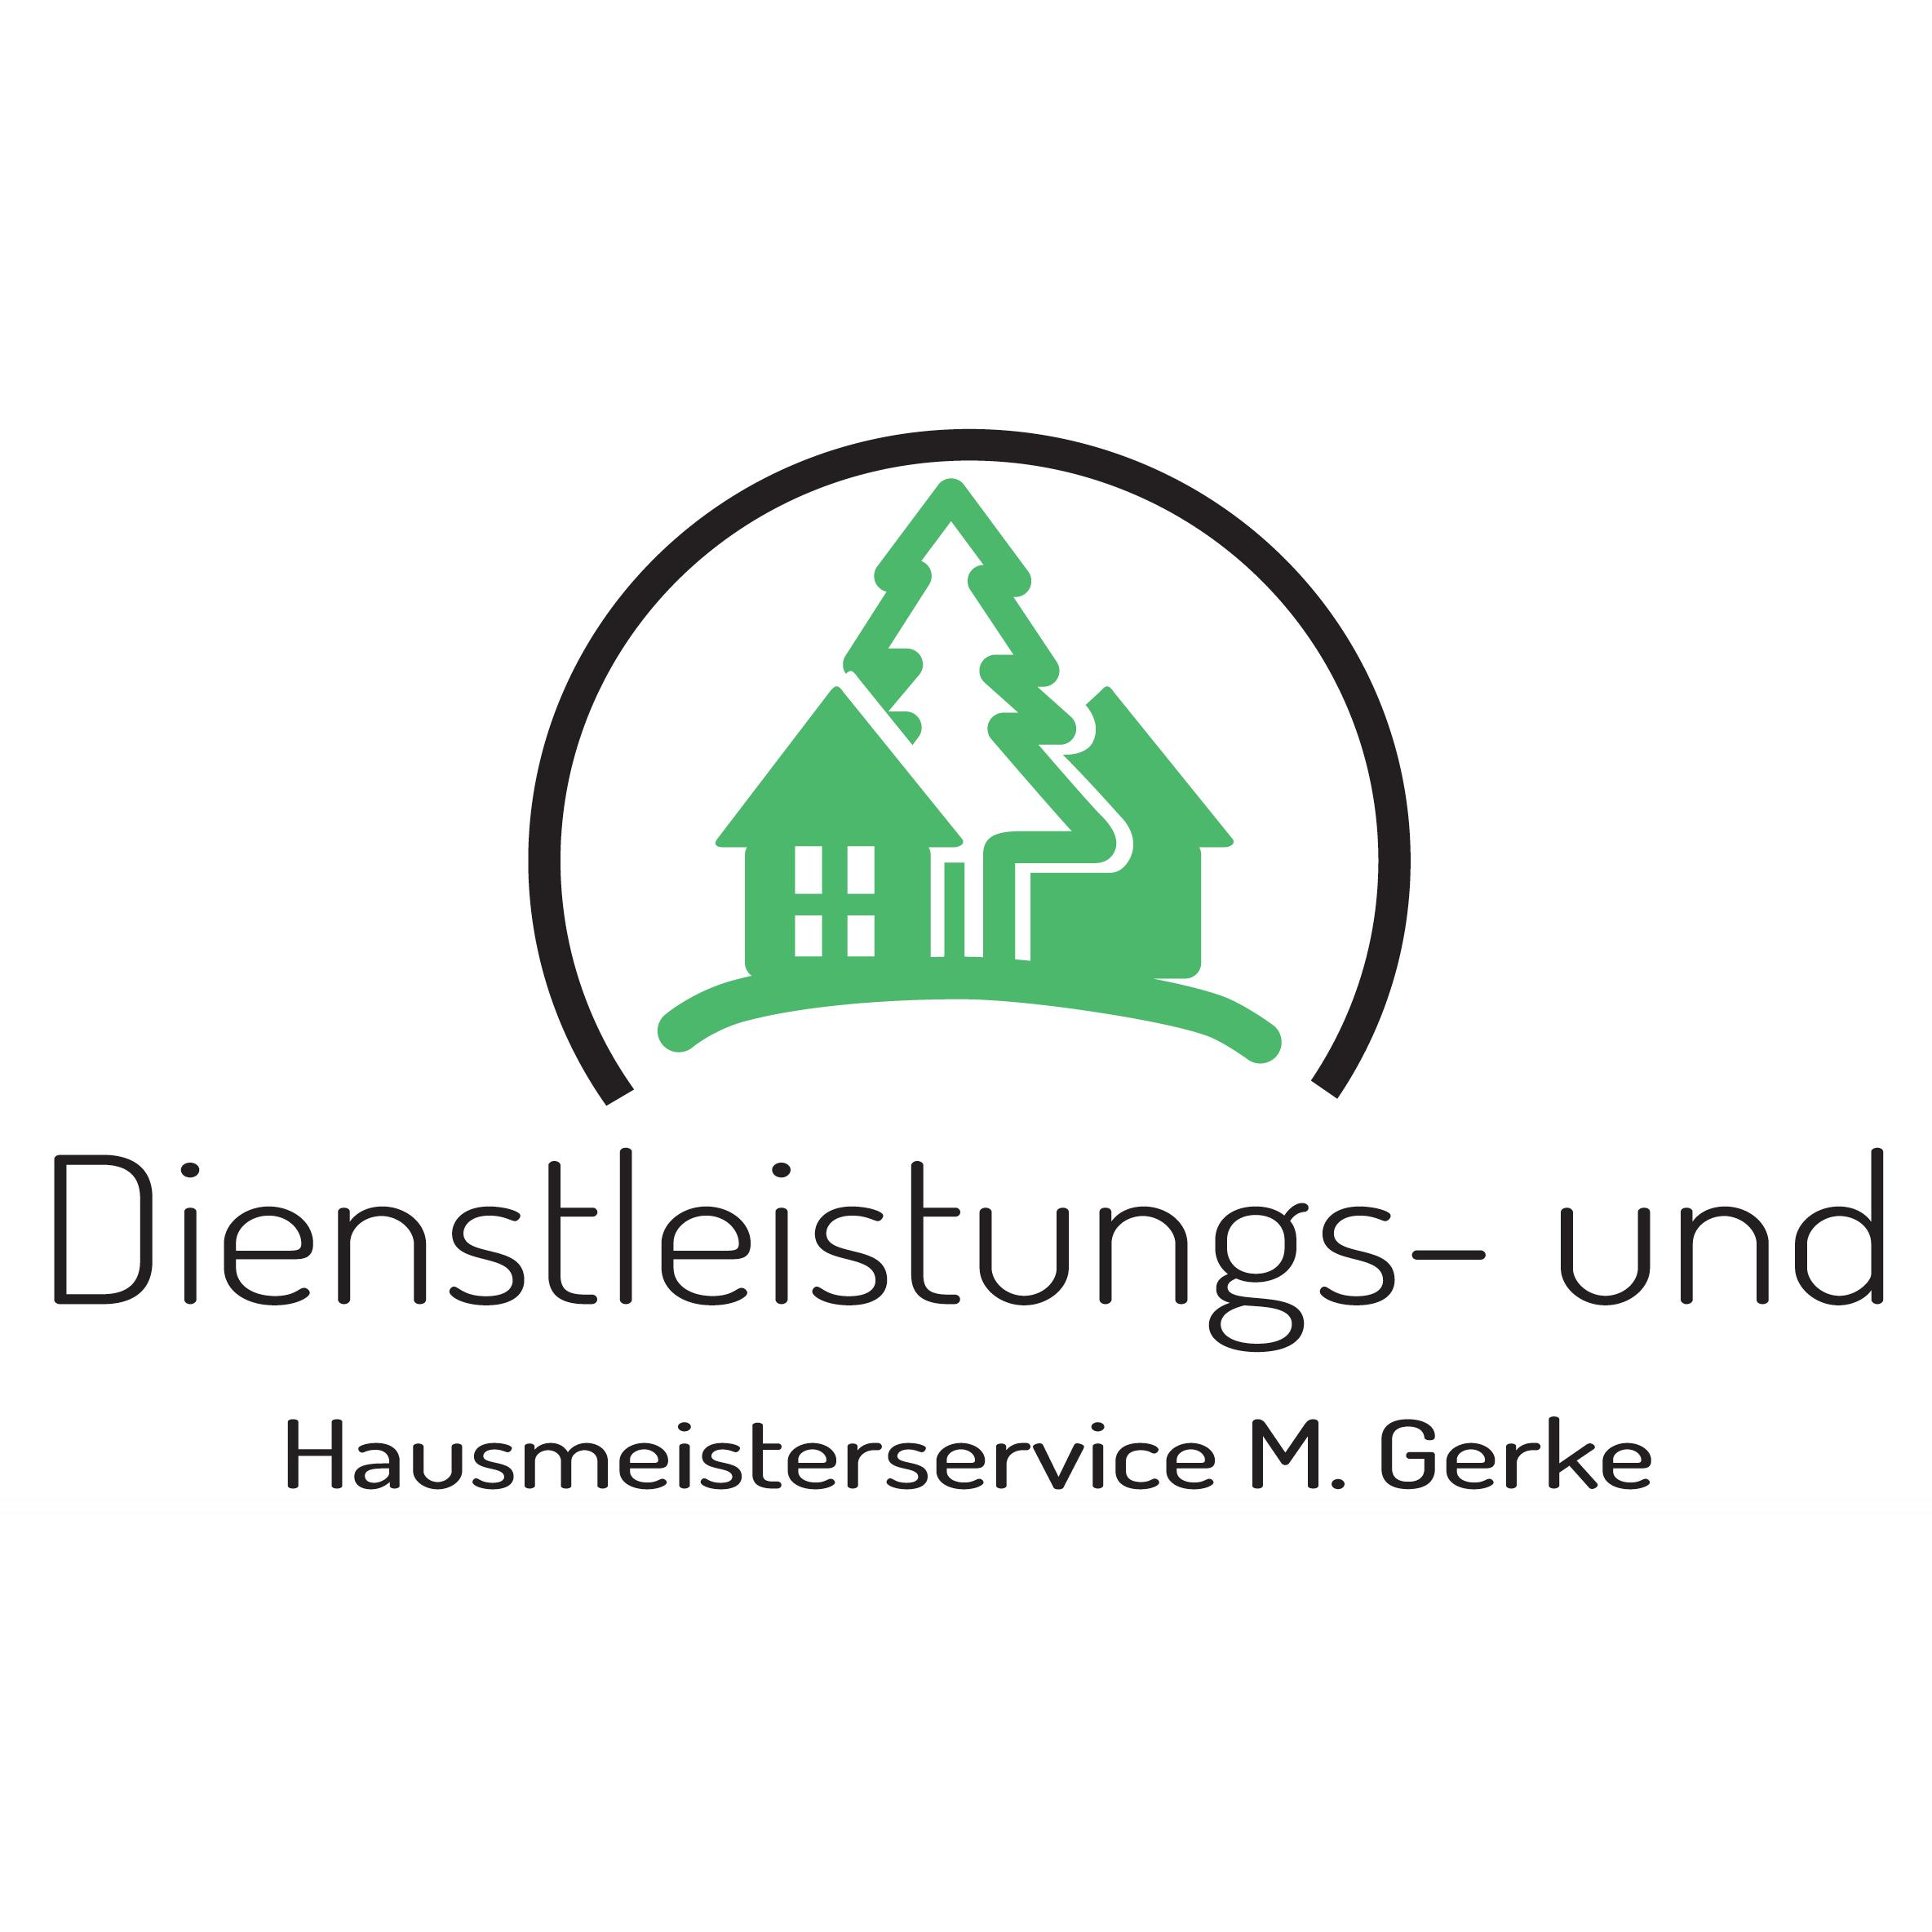 Dienstleistungs- und Hausmeisterservice M. Gerke